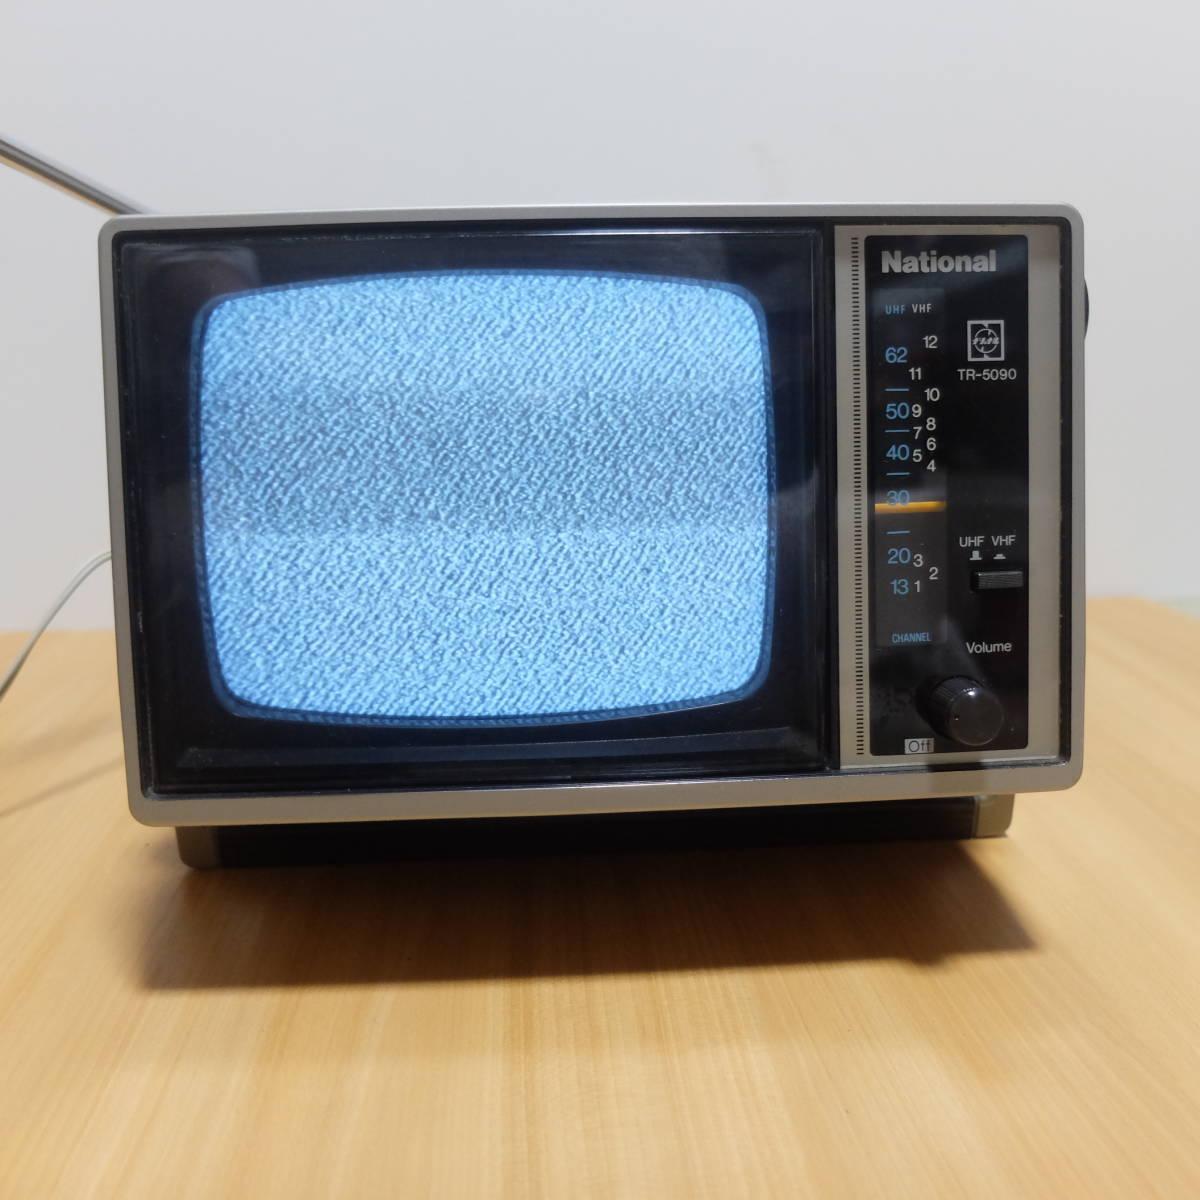 ポータブル 5型 白黒テレビ National ナショナル TR-5090 レトロ品 アンティーク_画像2